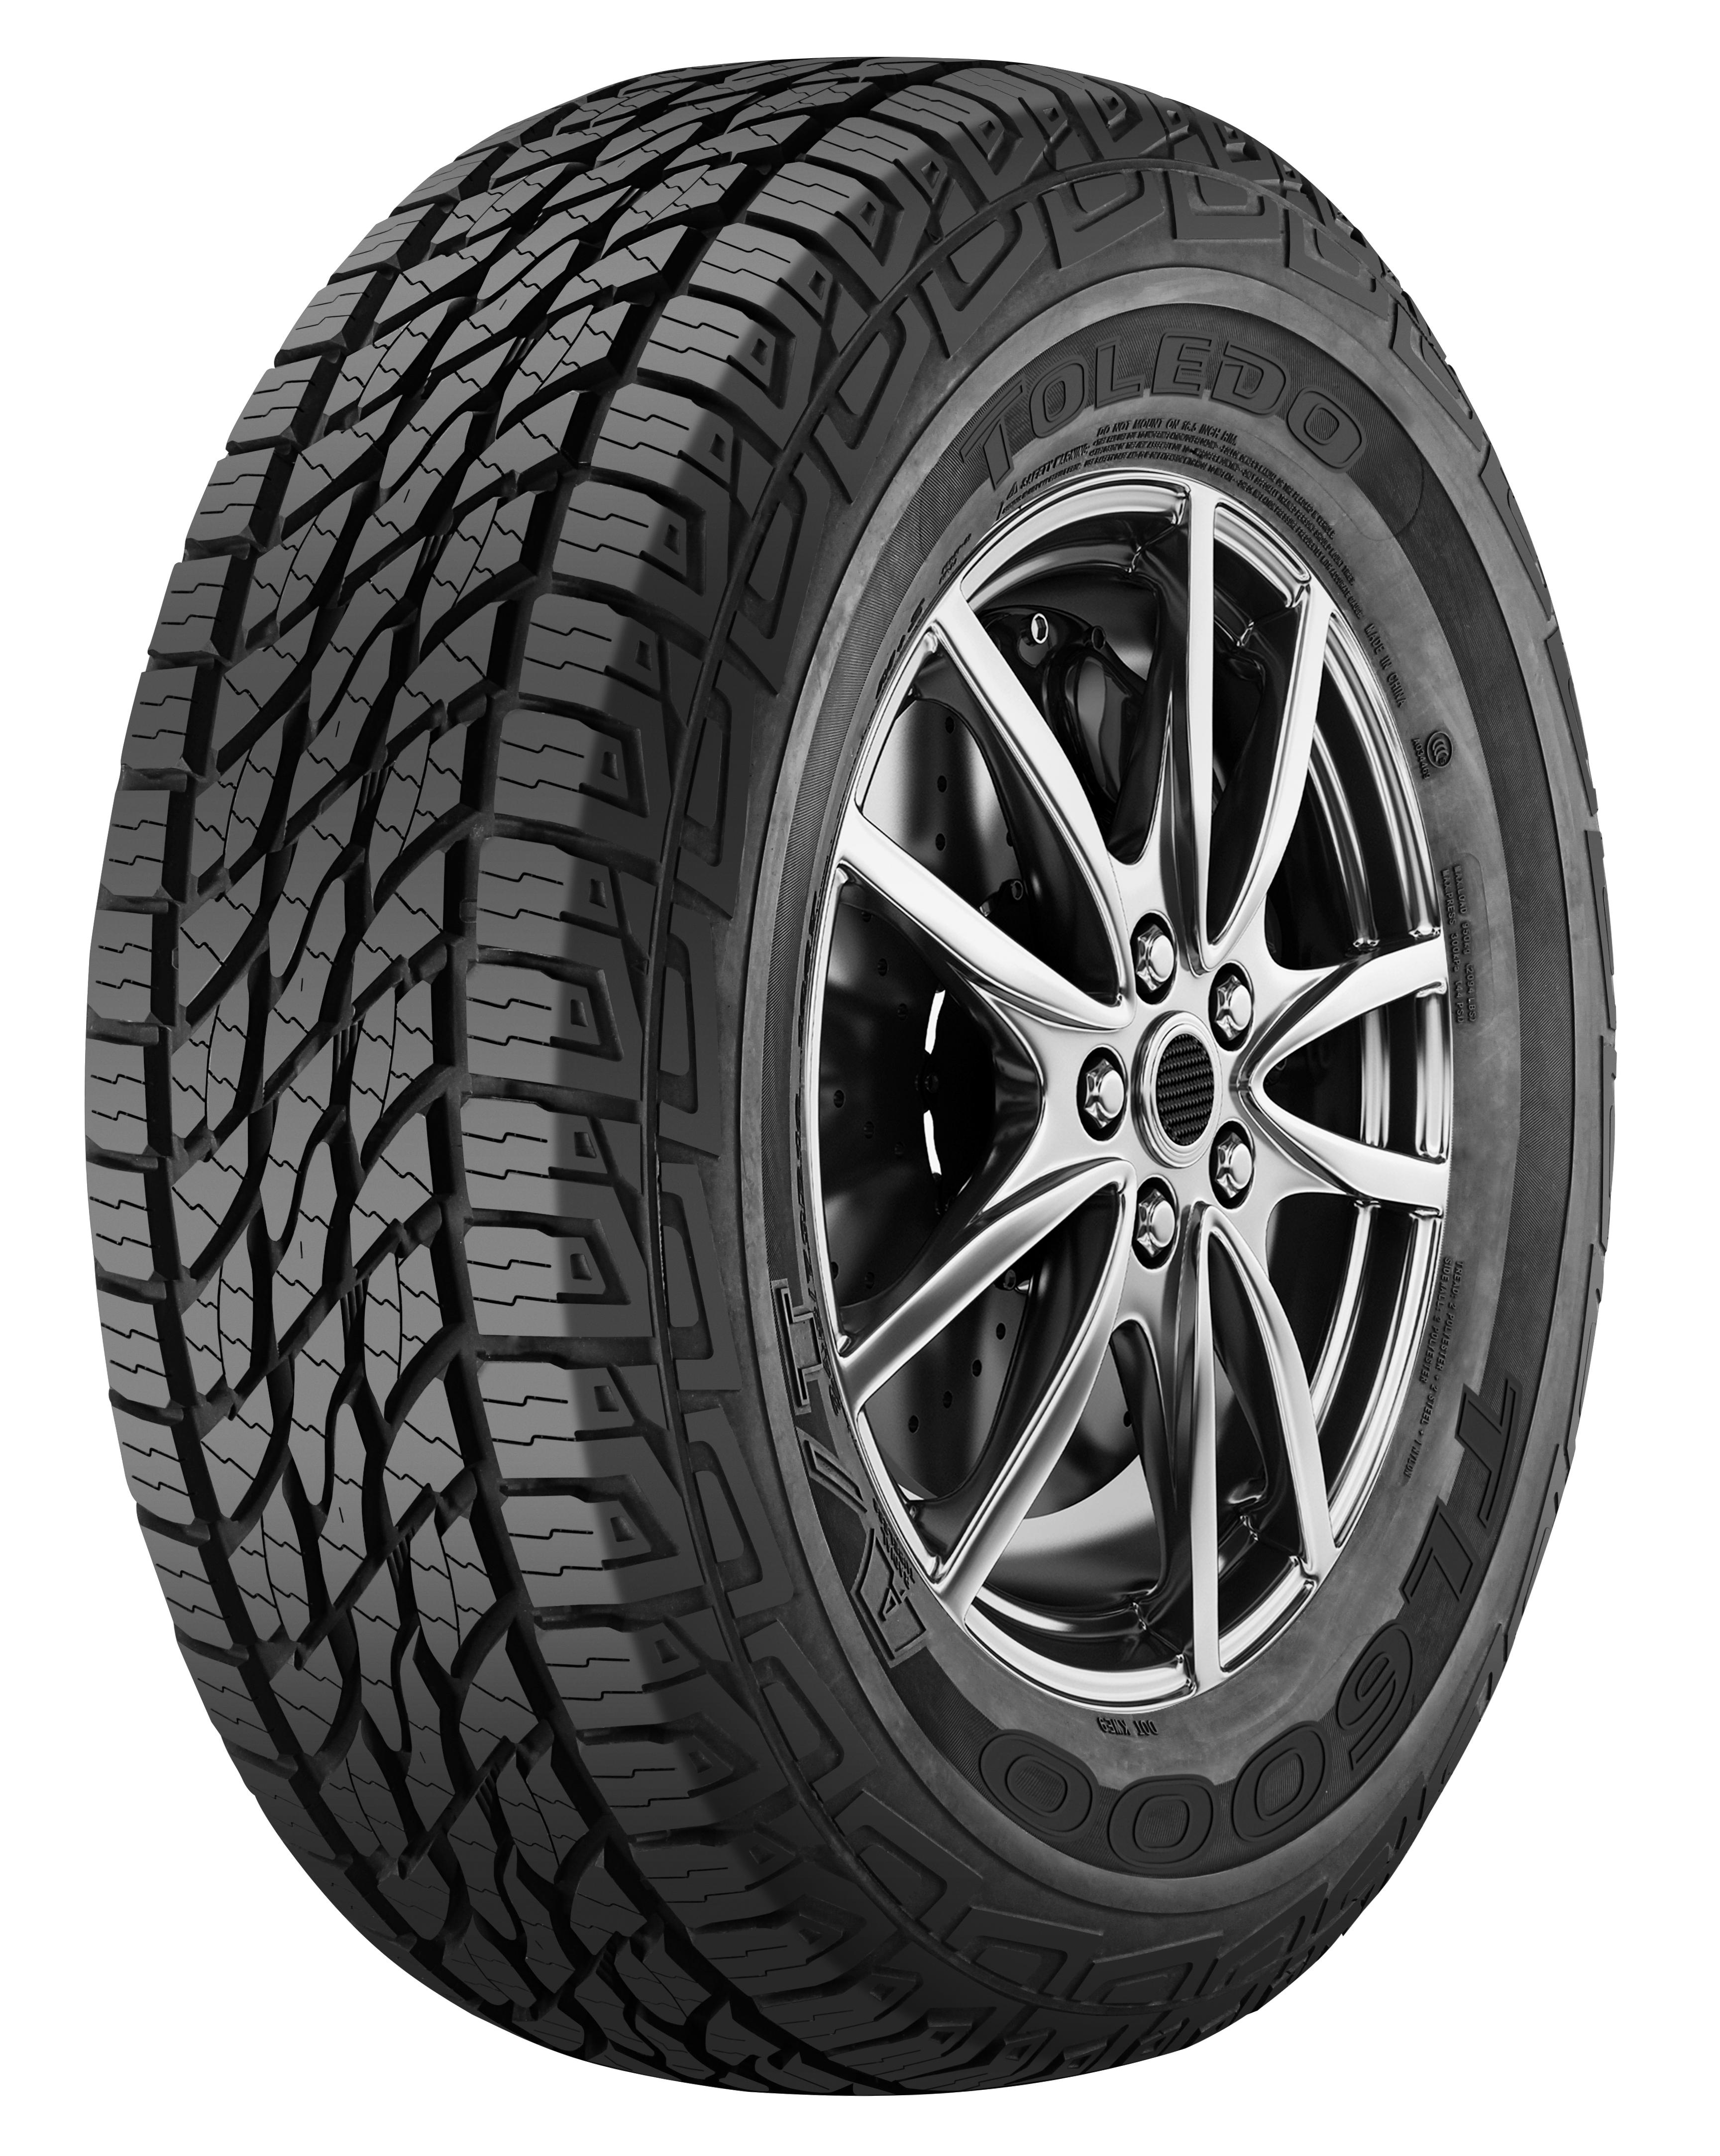 TOLEDO TL6000 A/T Tyres